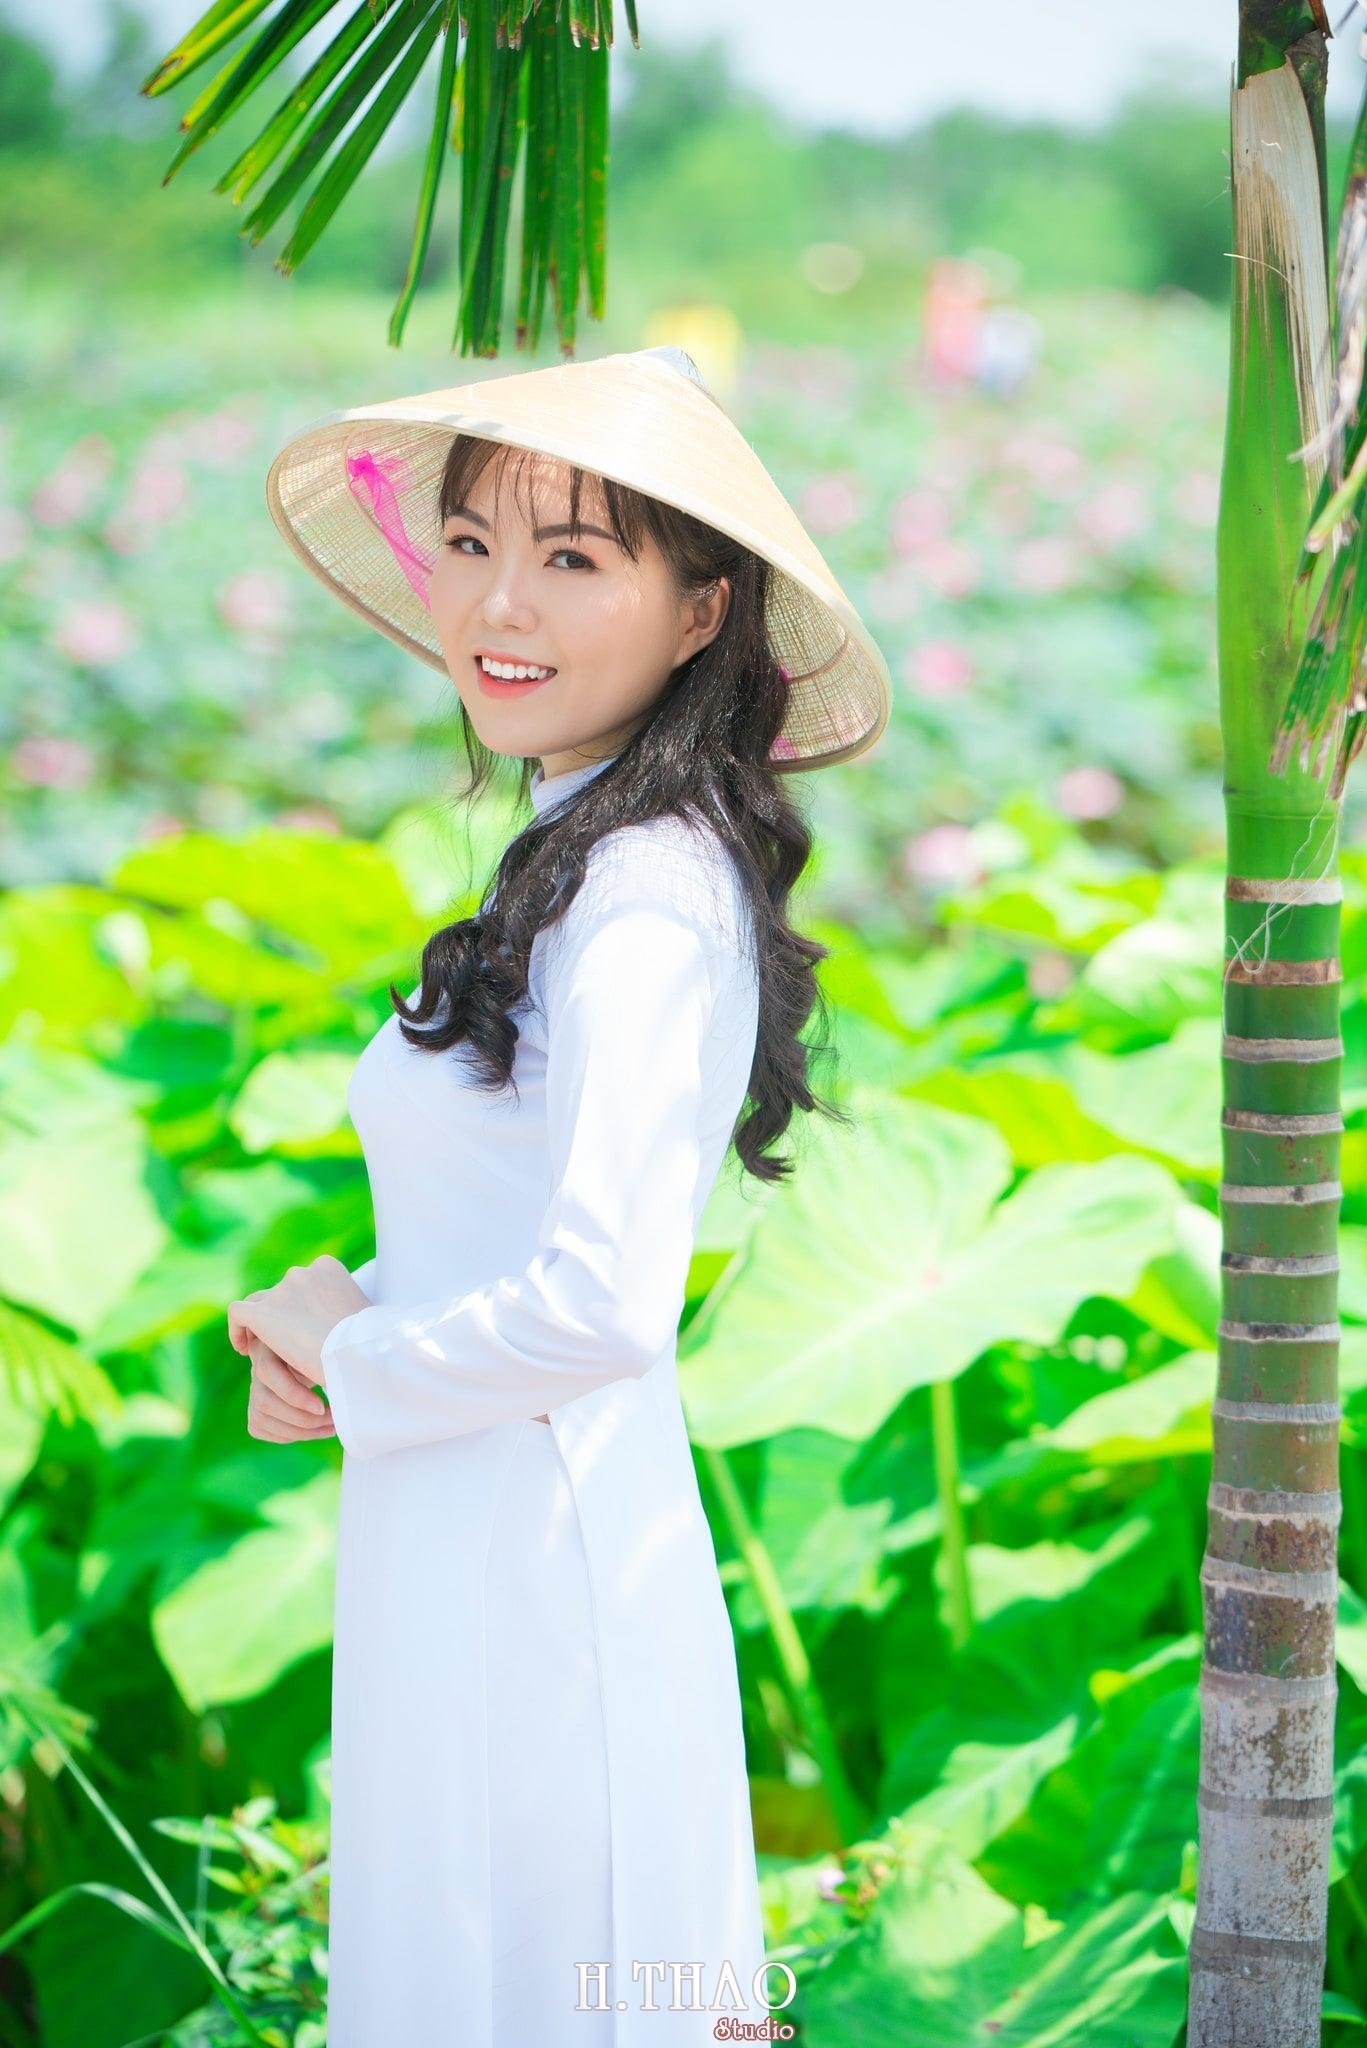 nh áo dài hoa sen 2 - Góc ảnh thiếu nữ áo dài bên hoa sen đẹp tinh khôi- HThao Studio